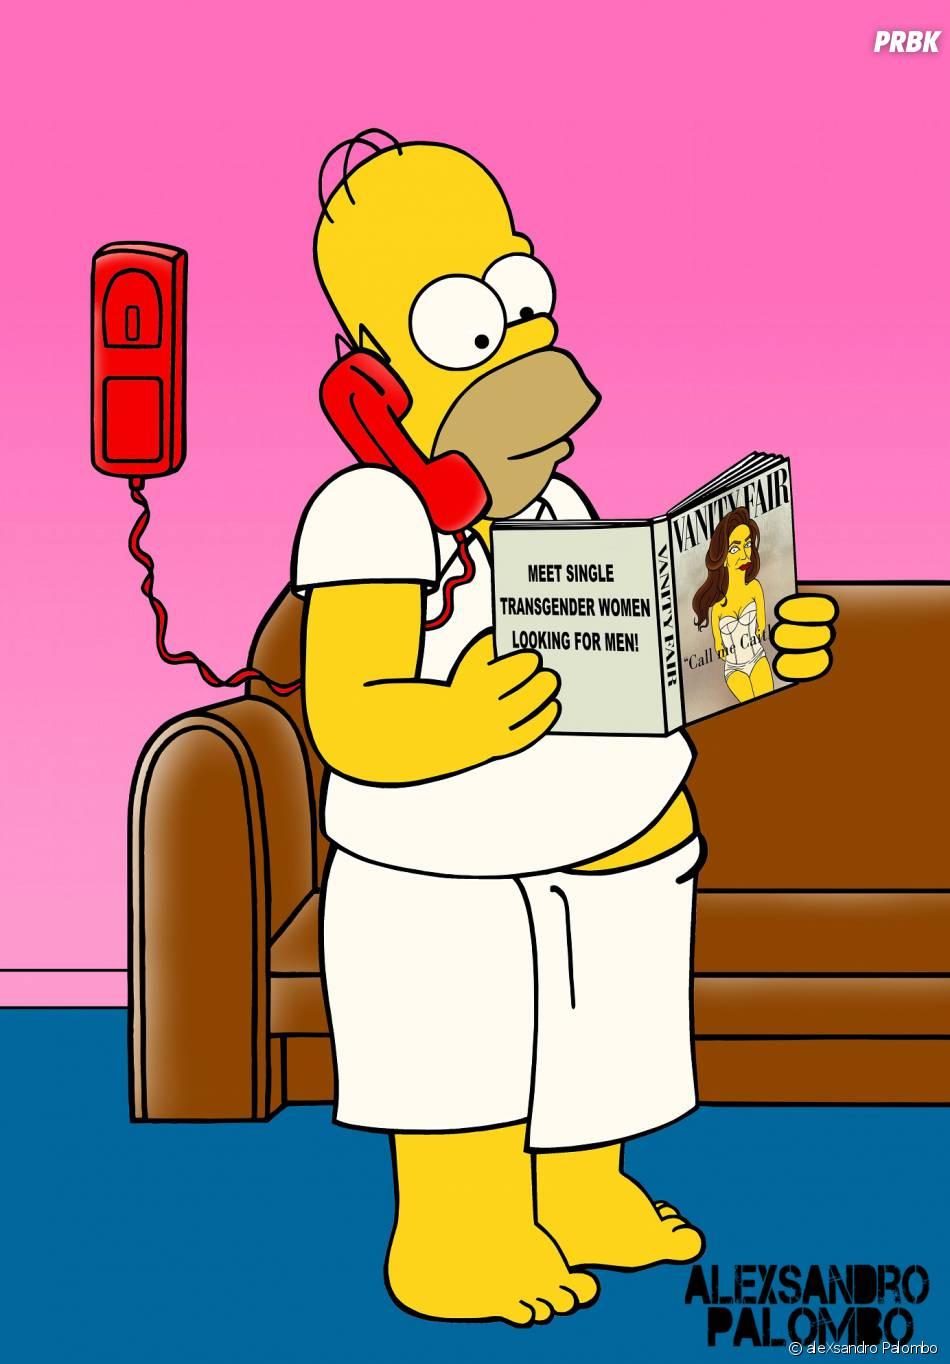 Homer lit le Vanity Fair avec Caitlyn Jenner en couverture dans une nouvelle série de détournements de l'artiste aleXsandro Palombo